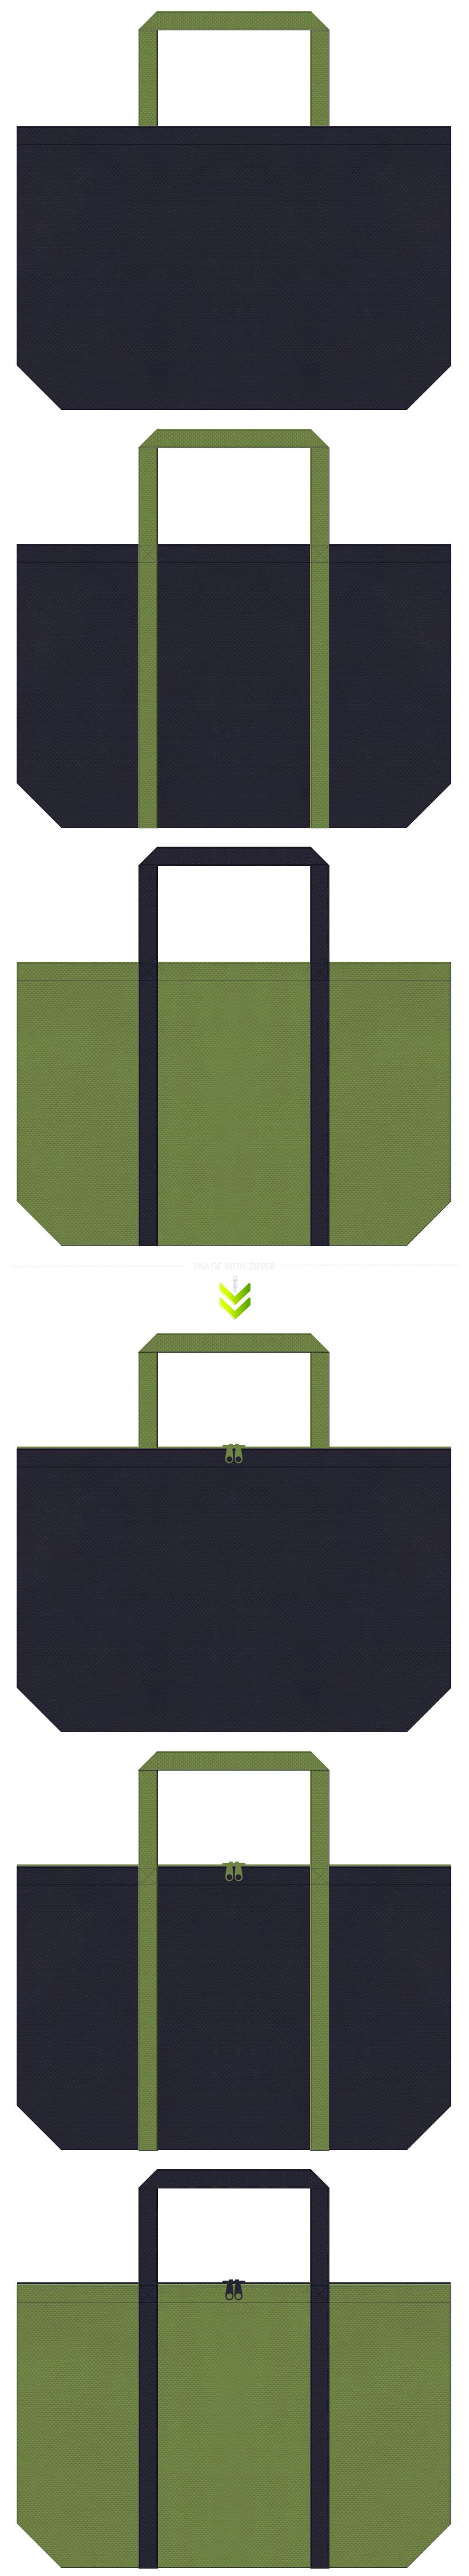 濃紺色と草色の不織布エコバッグのデザイン。